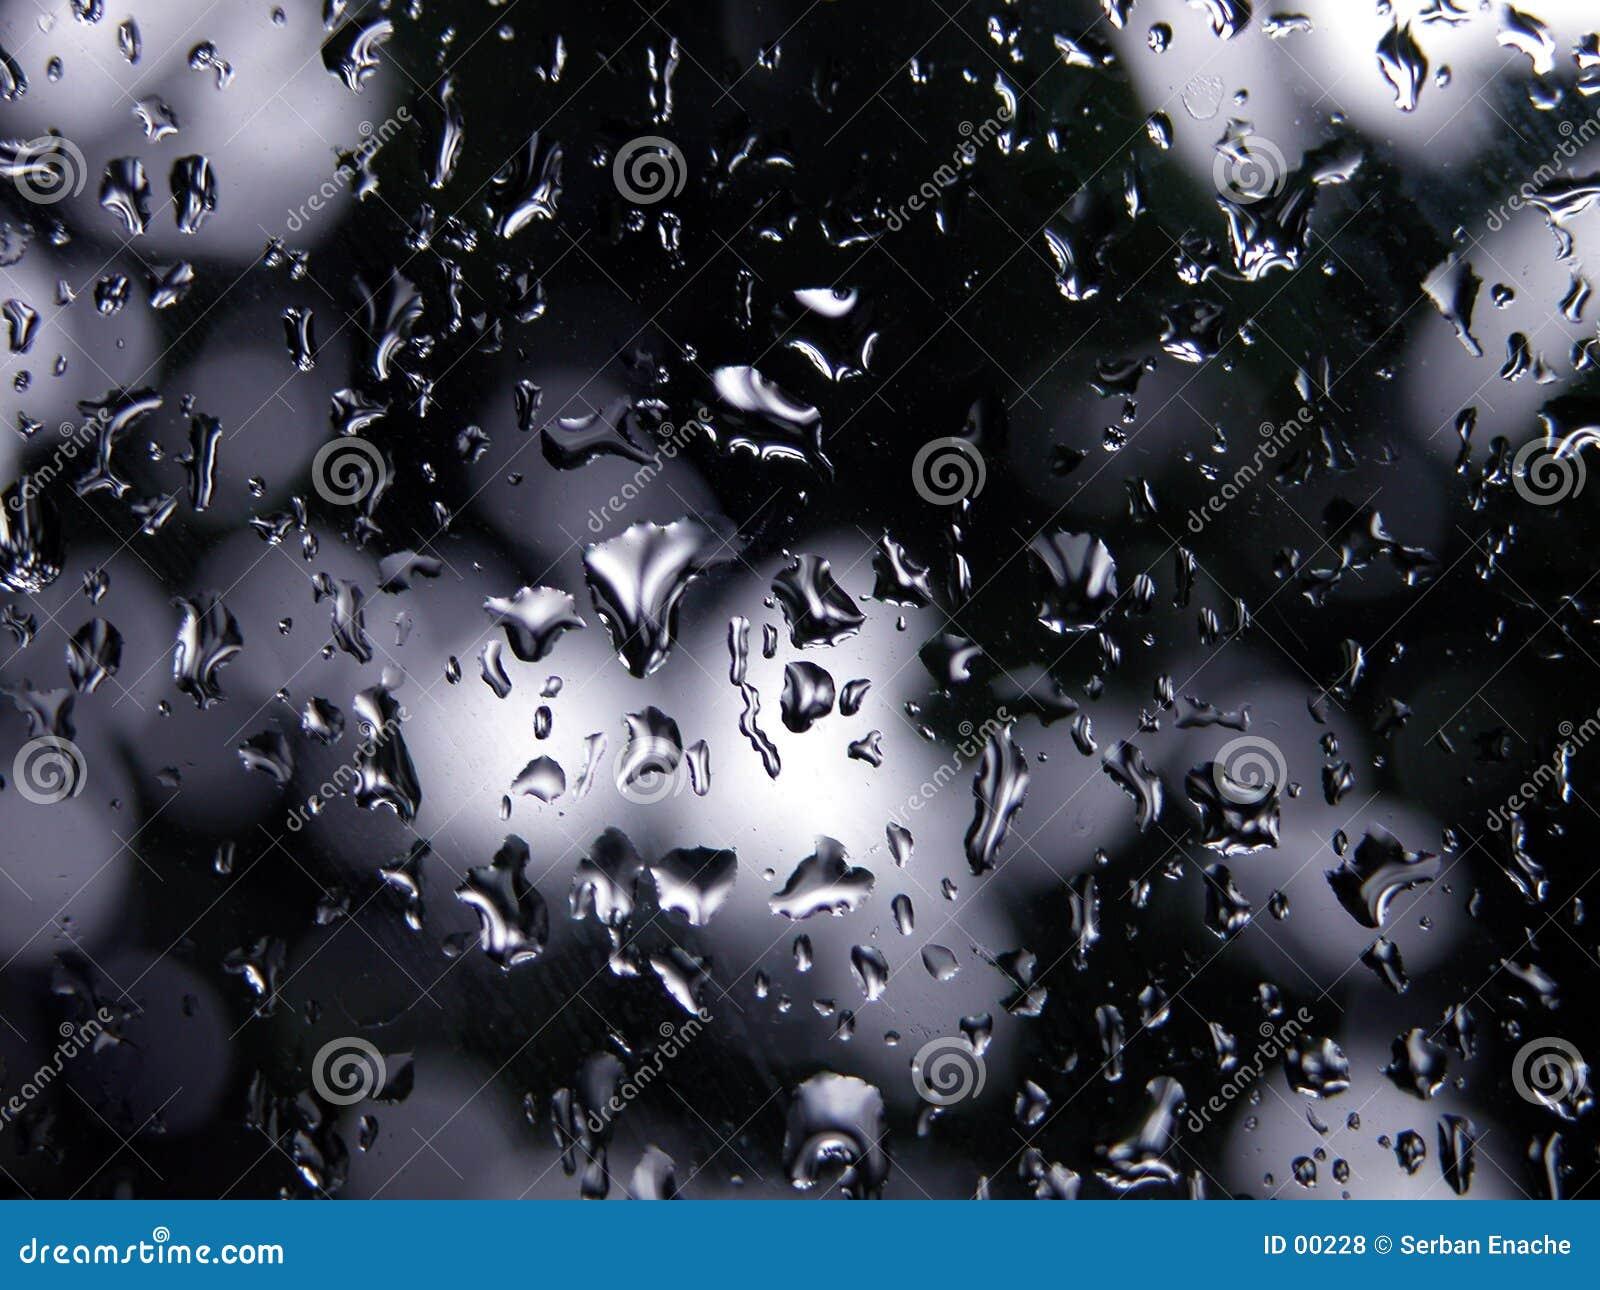 Macro - moisture in focus